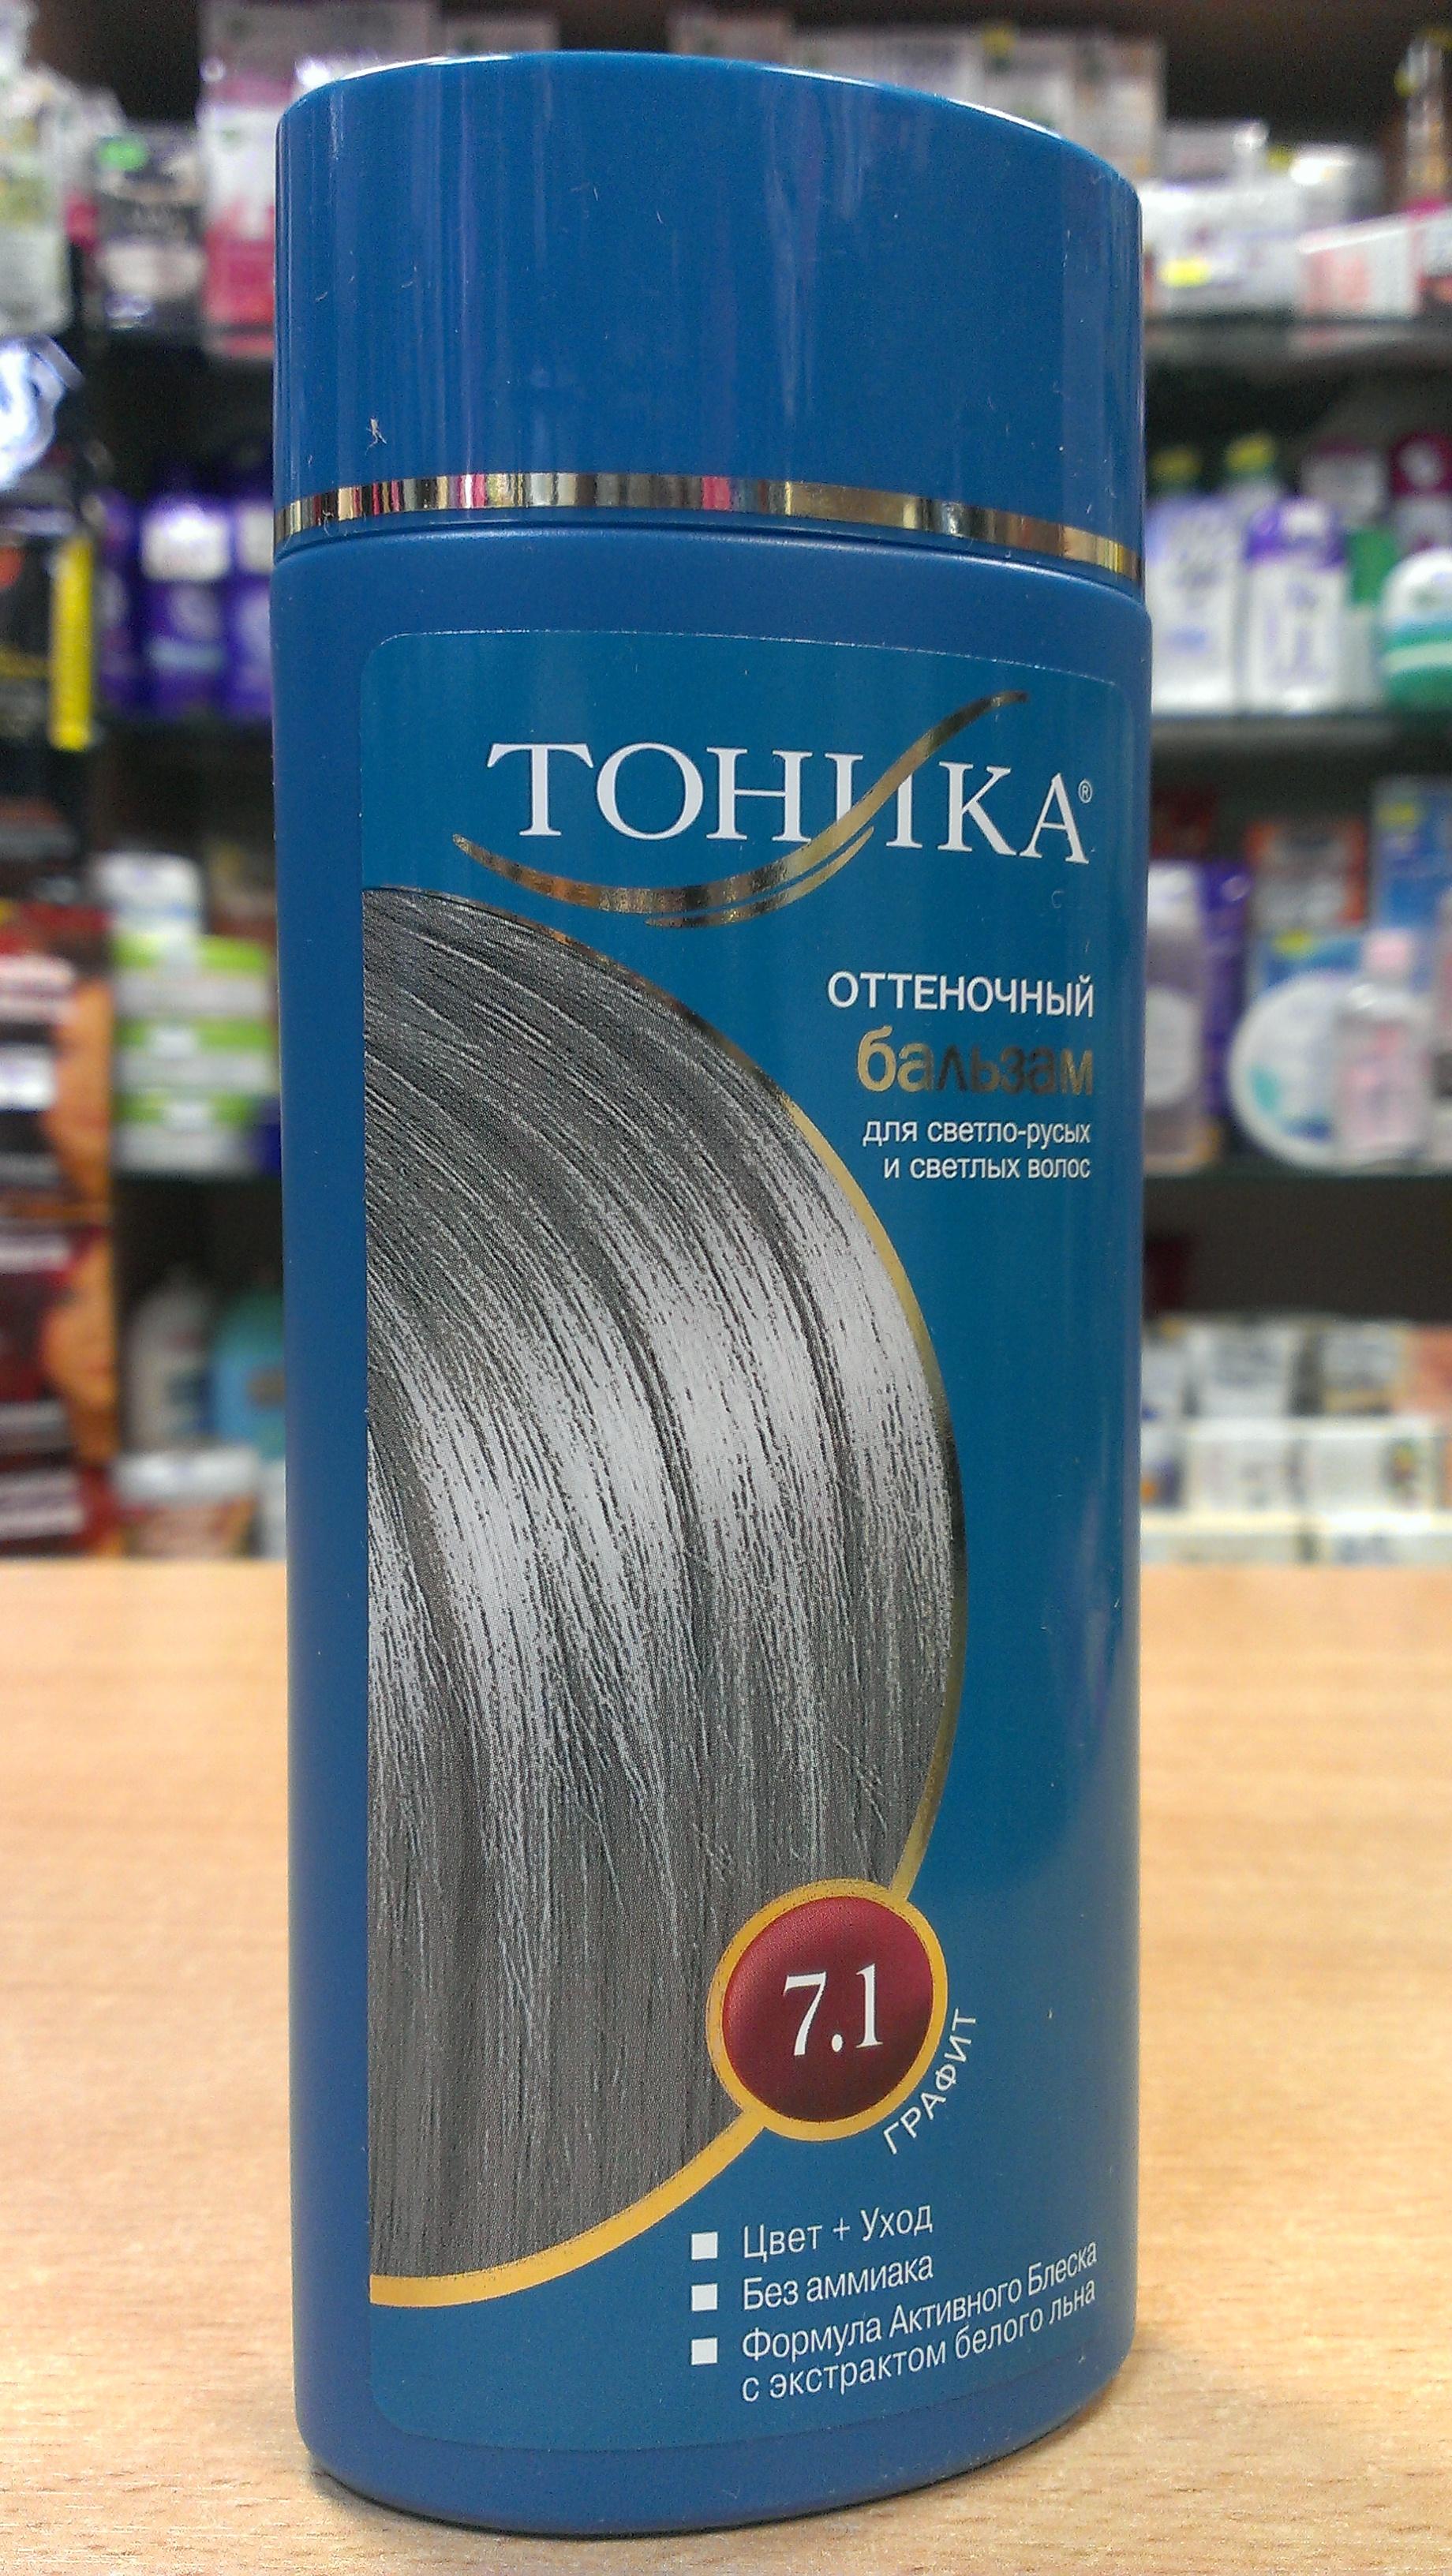 Тоник для волос купить оттеночный